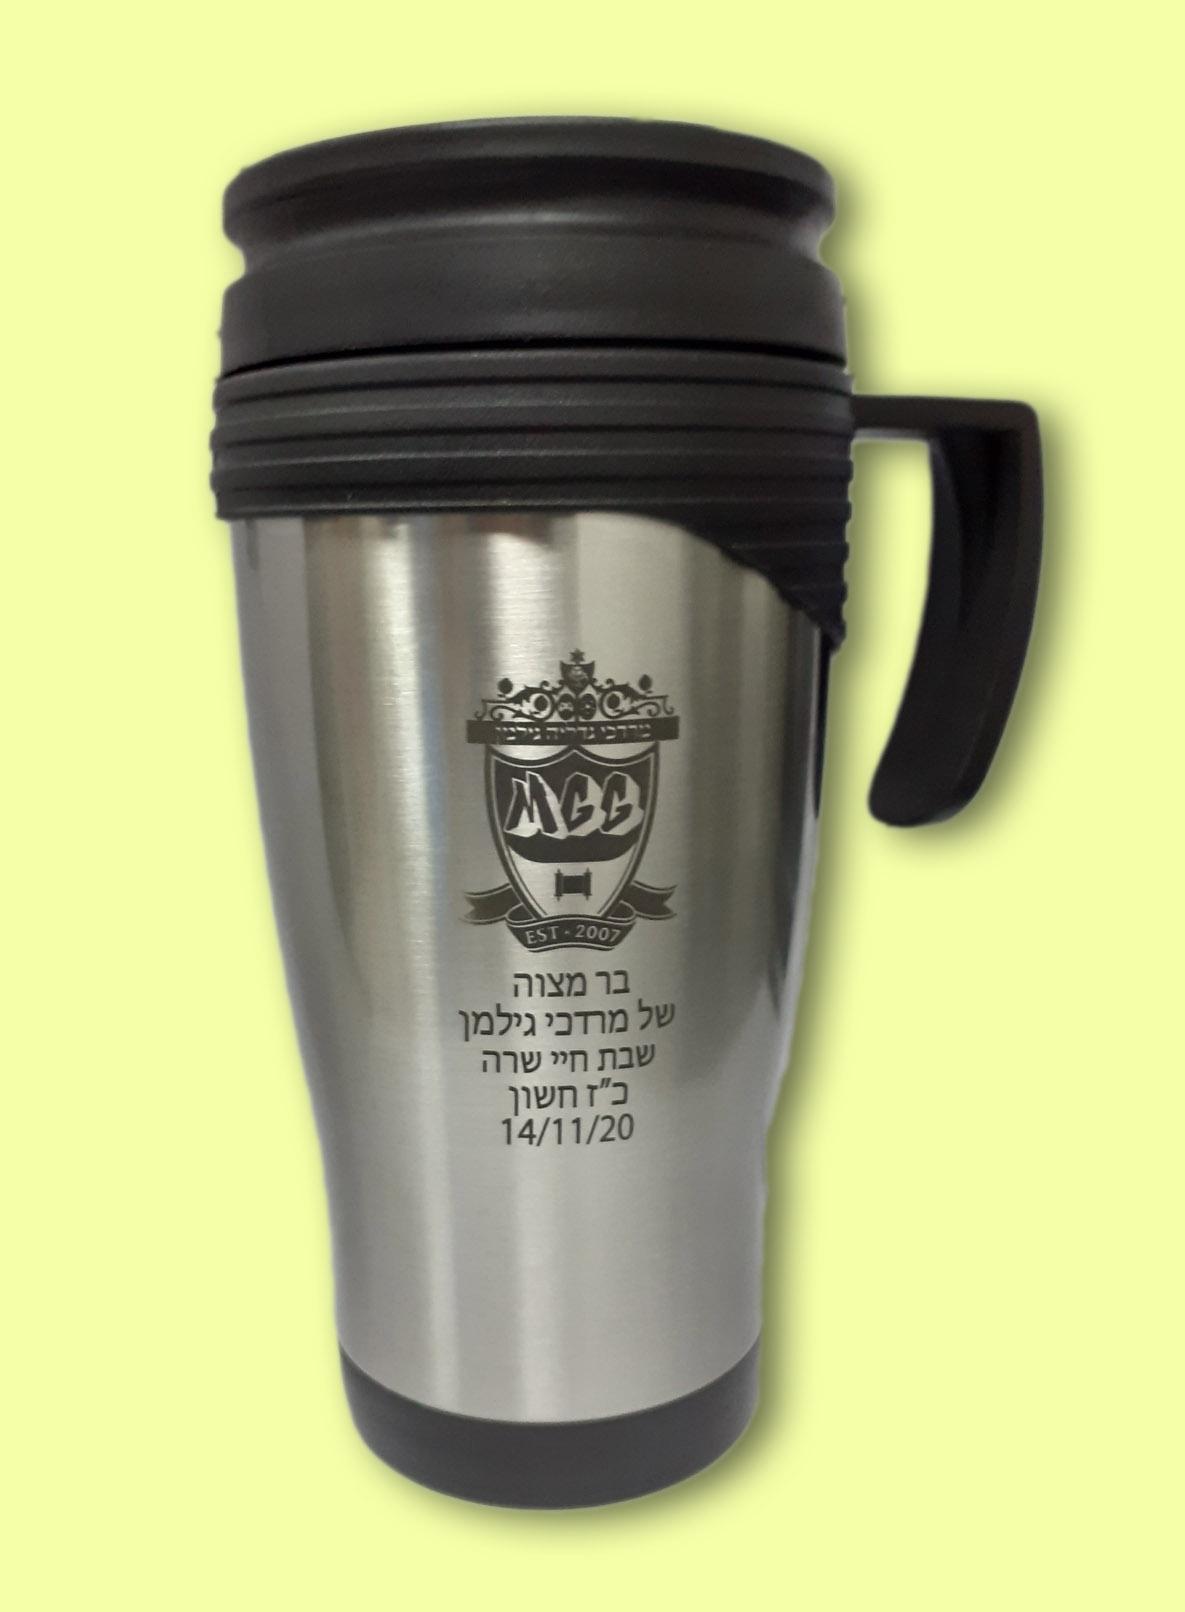 כוס תרמית מעוצבת | כוס תרמית נירוסטה